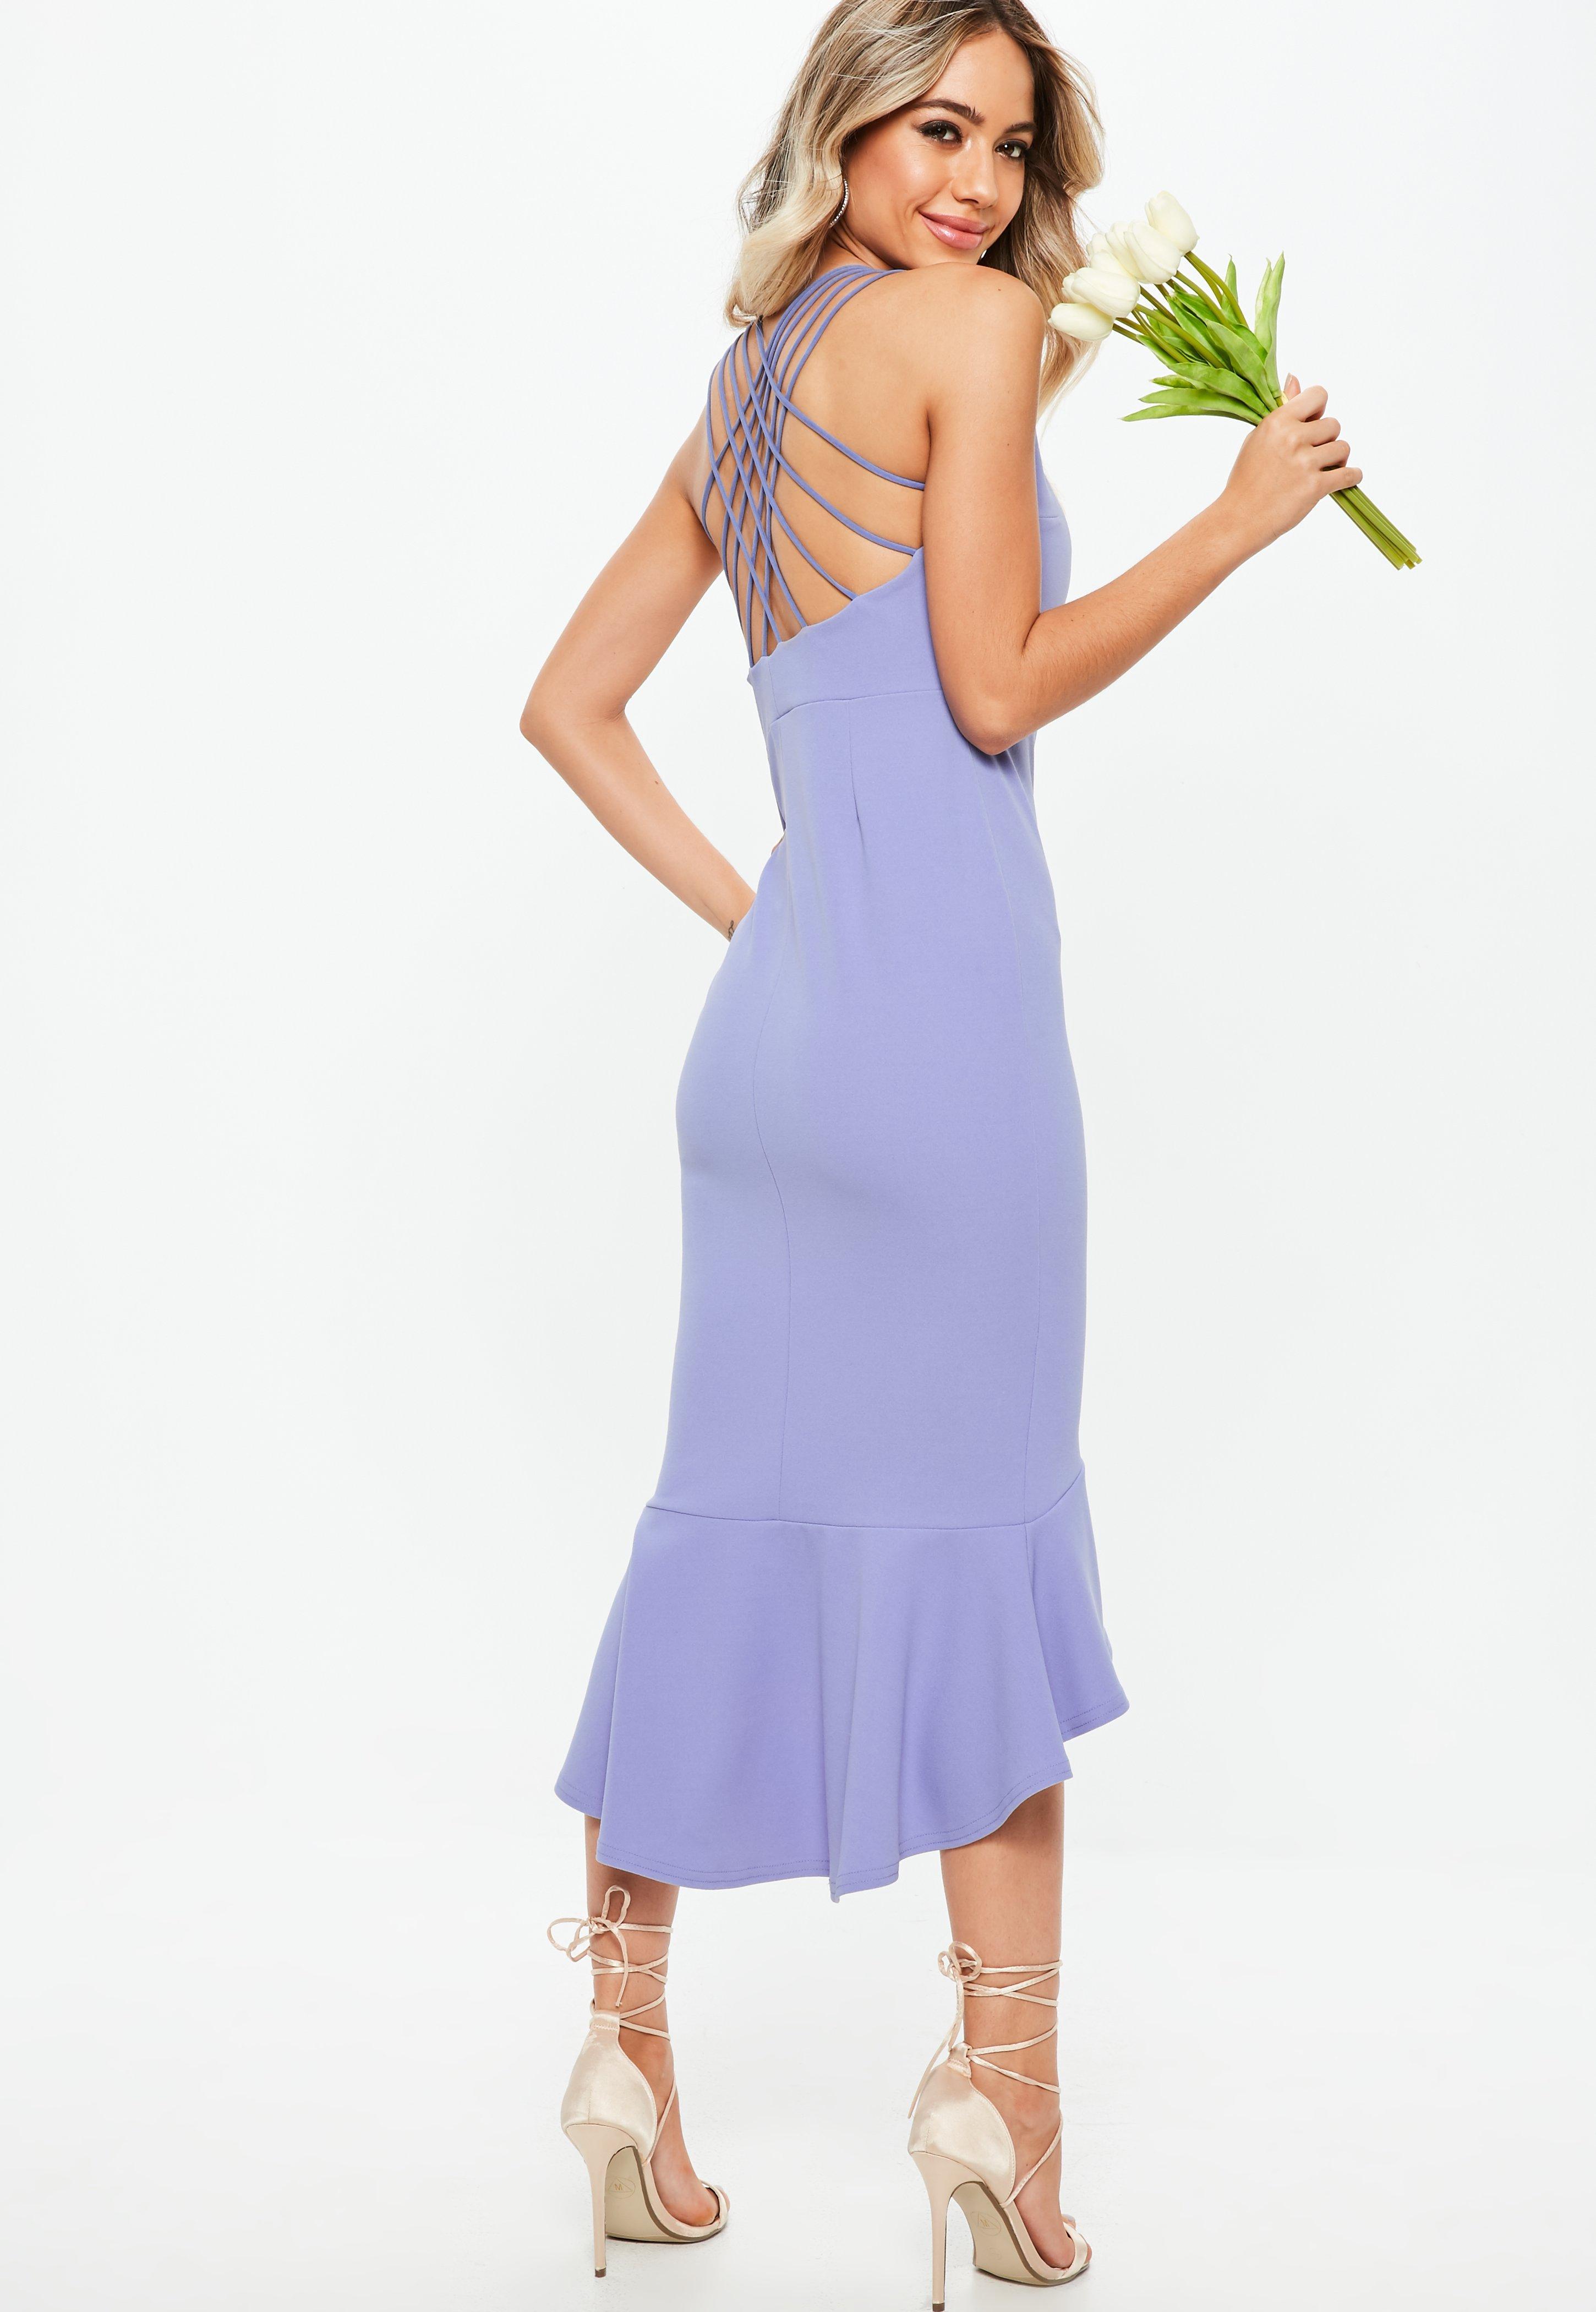 Erfreut Blaues Kleid Für Brautjungfer Fotos - Hochzeit Kleid Stile ...